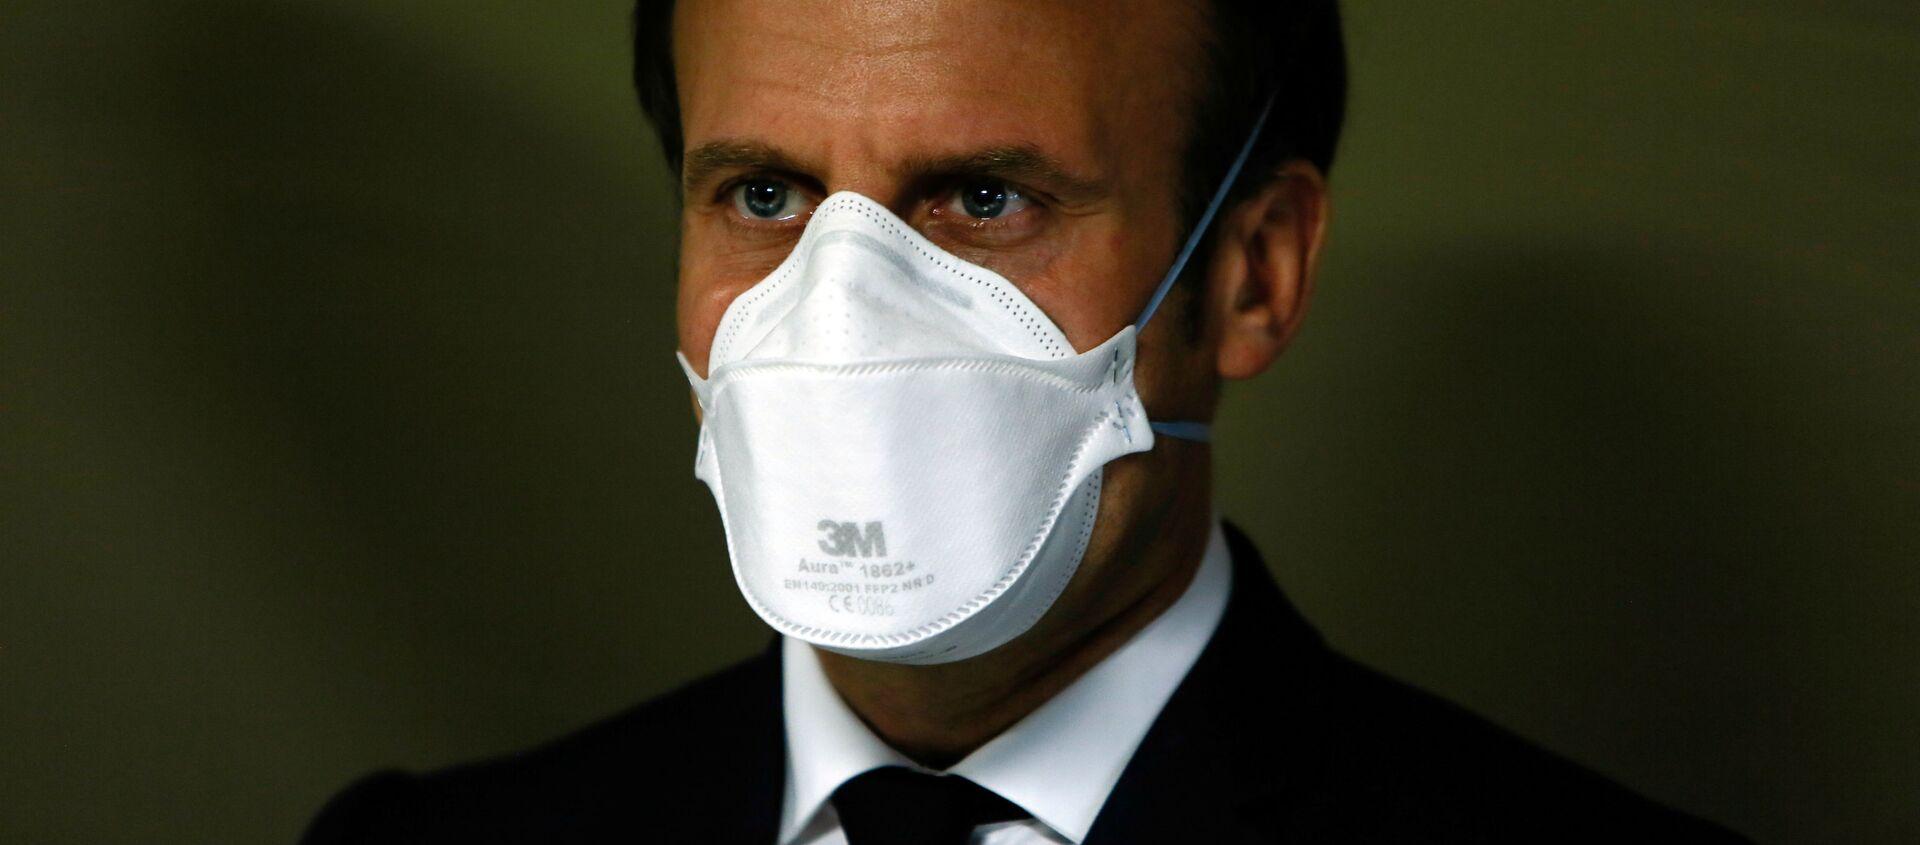 Президент Франции Эммануэль Макрон в медицинской маске - Sputnik Абхазия, 1920, 26.09.2020